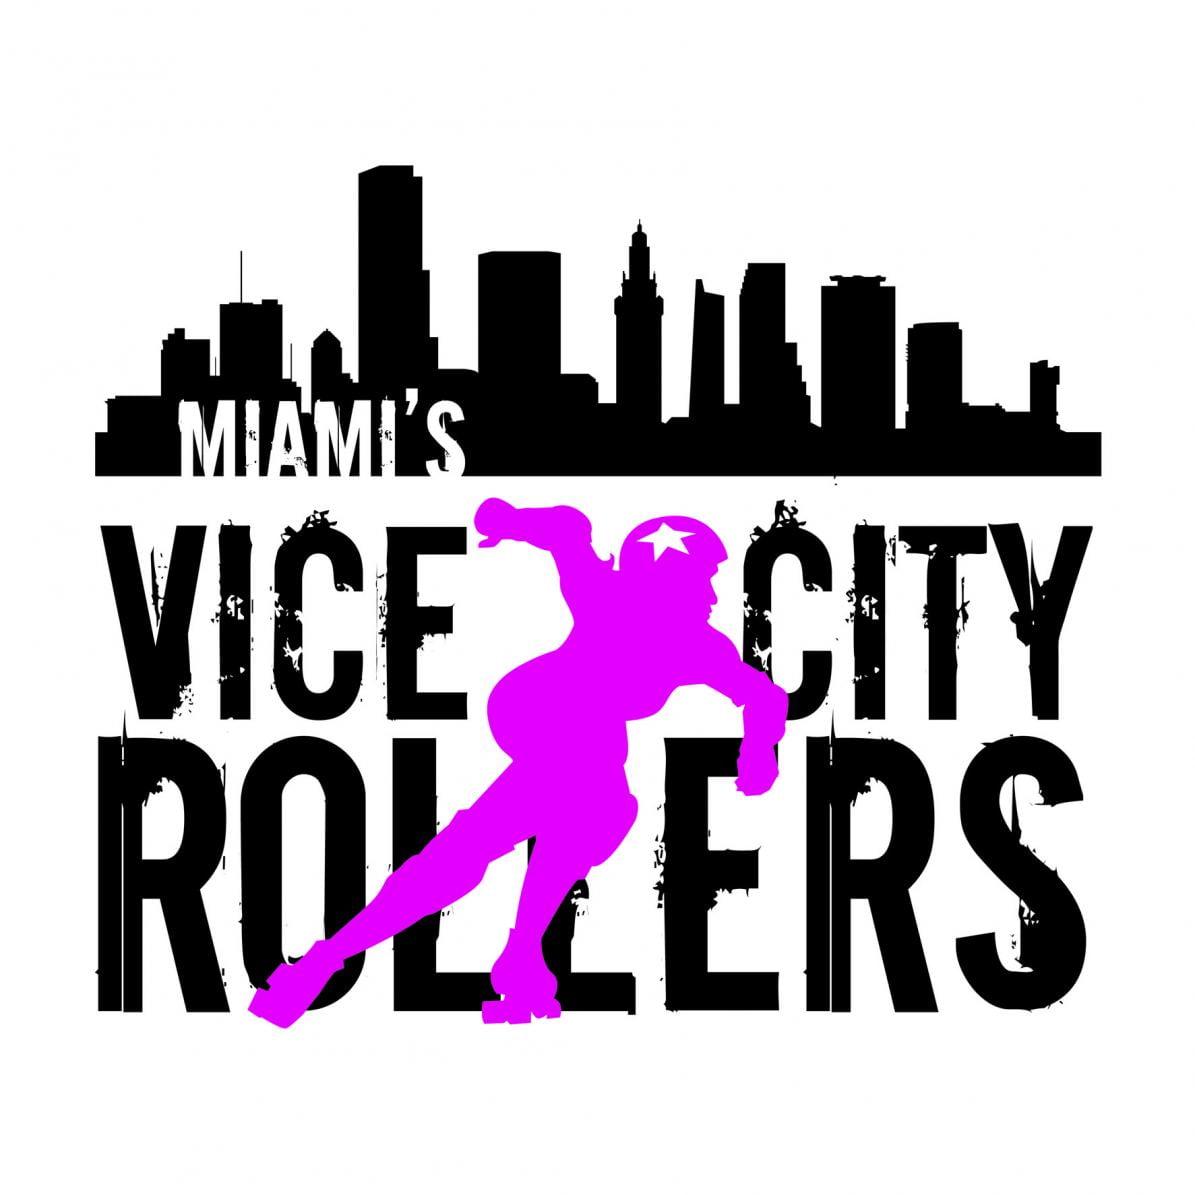 Miami Roller Derby